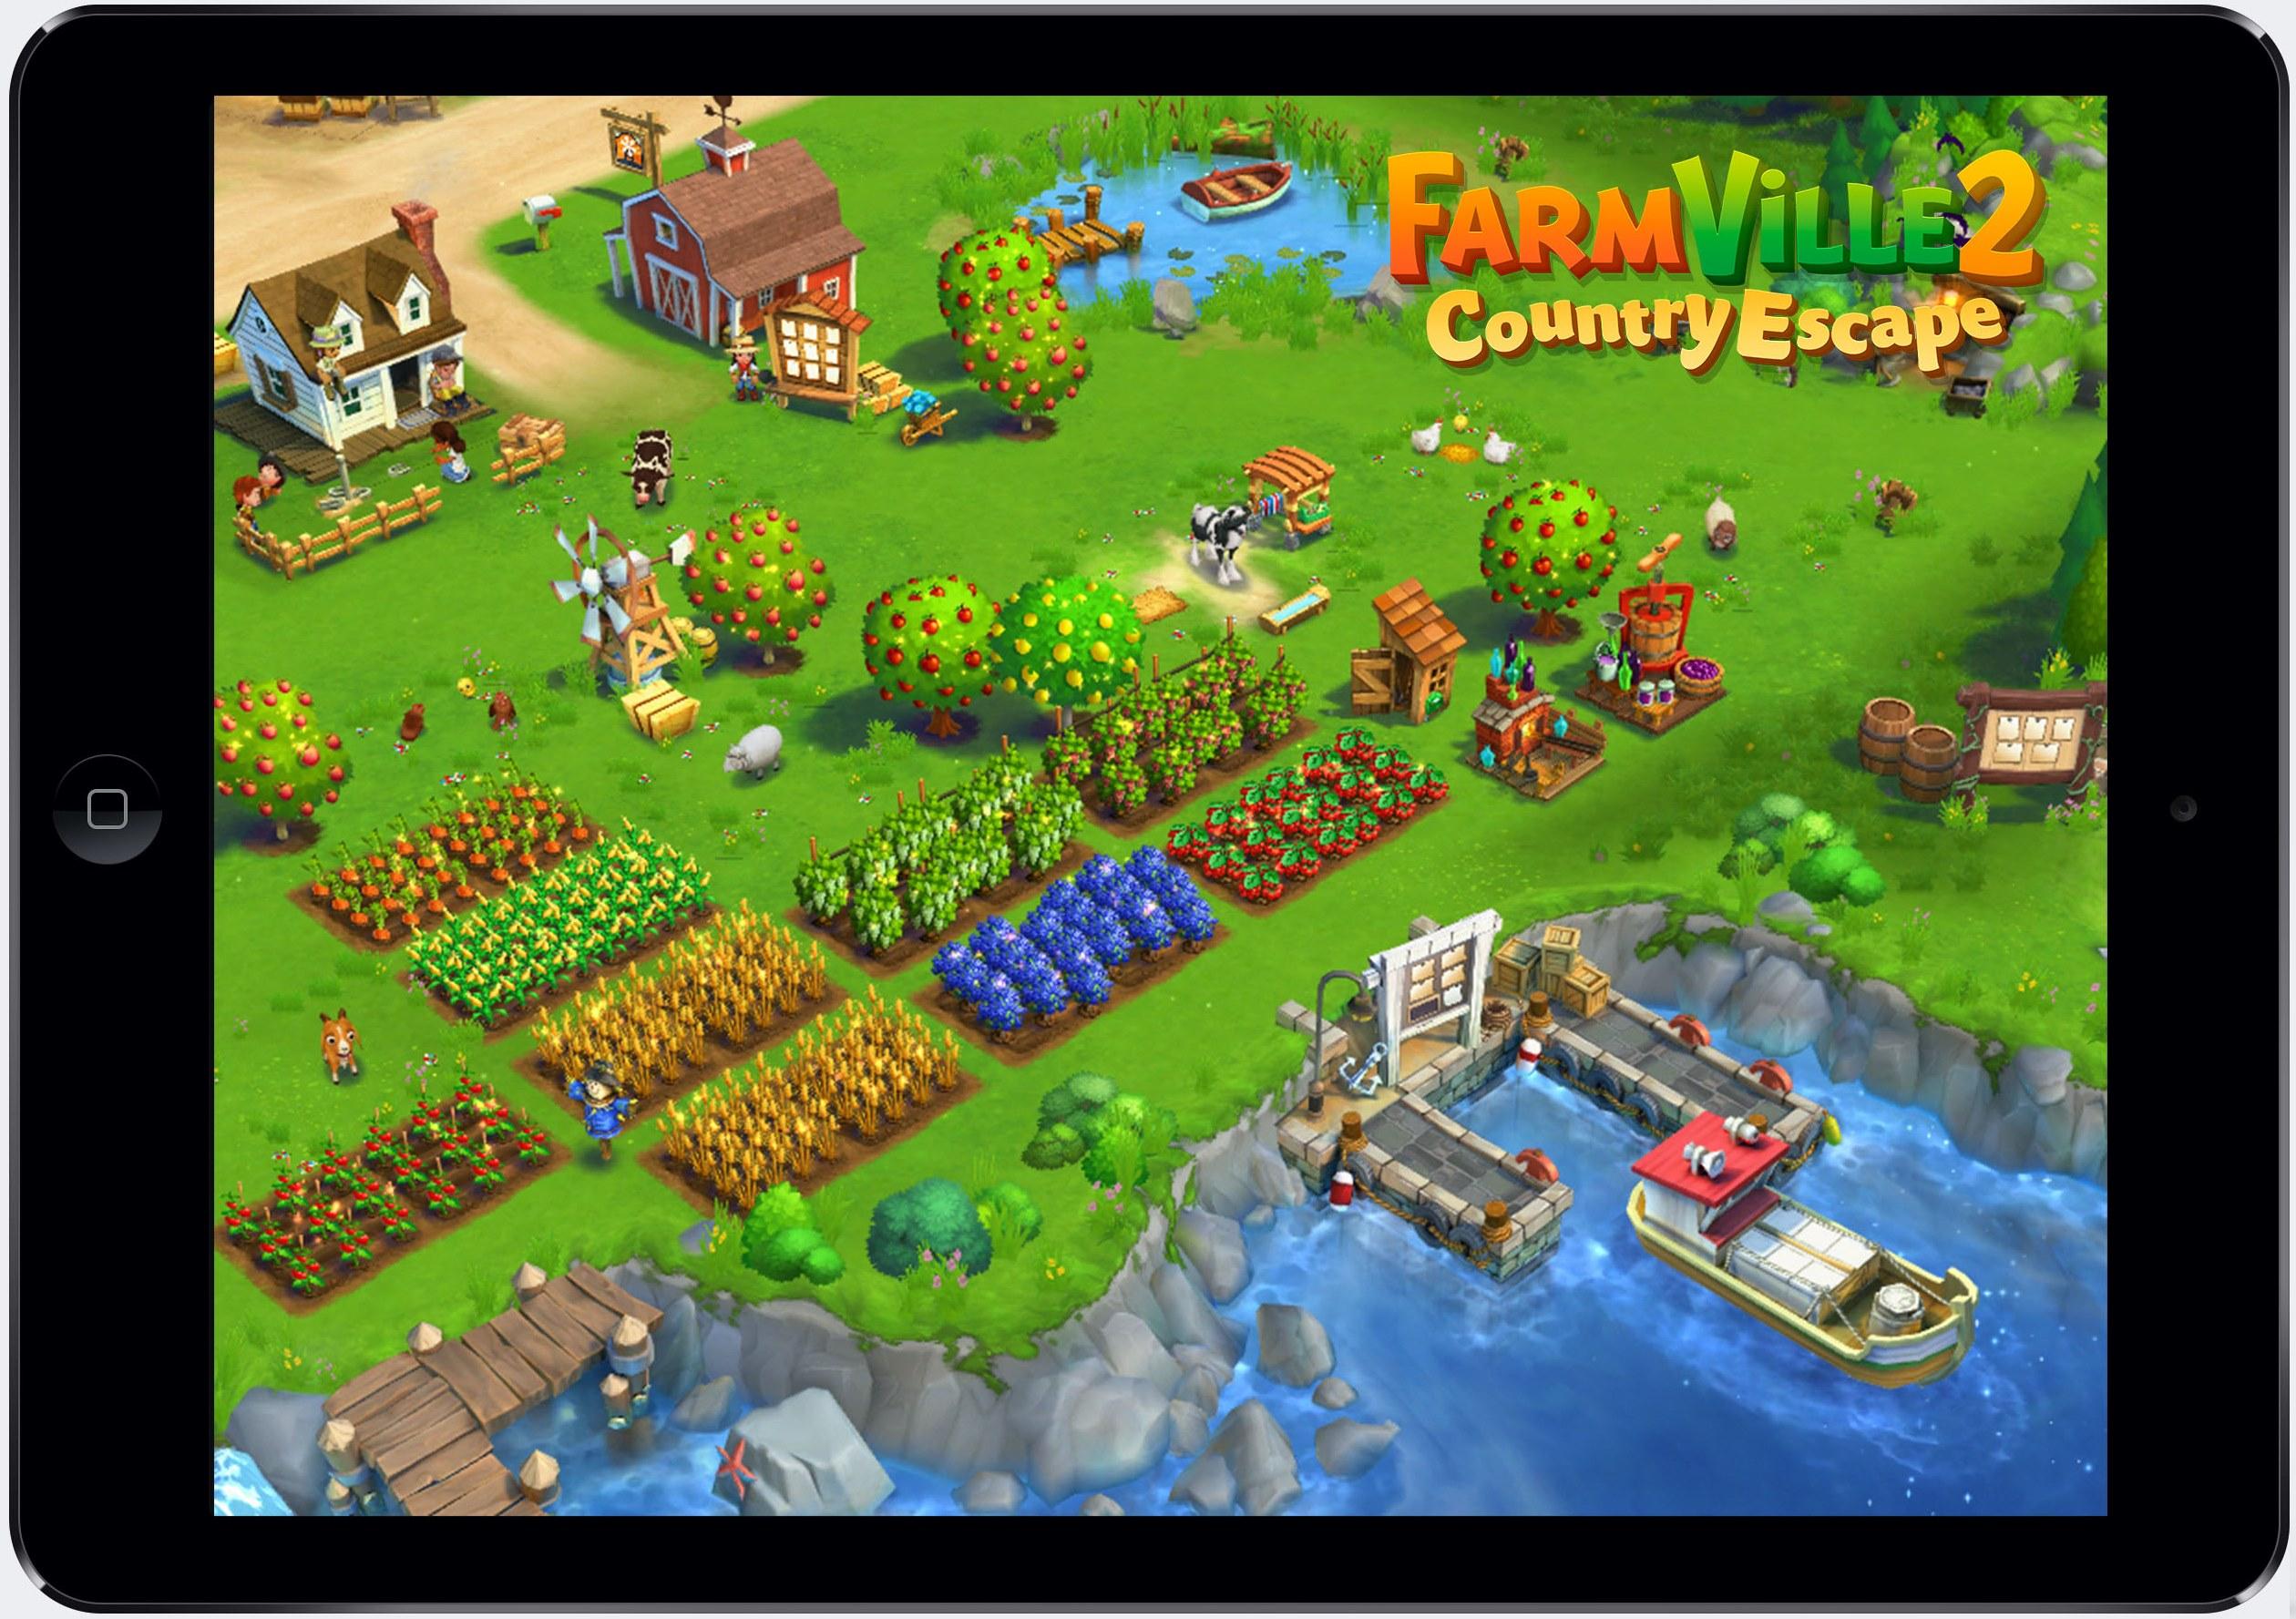 2 Farmville Country Escape Download